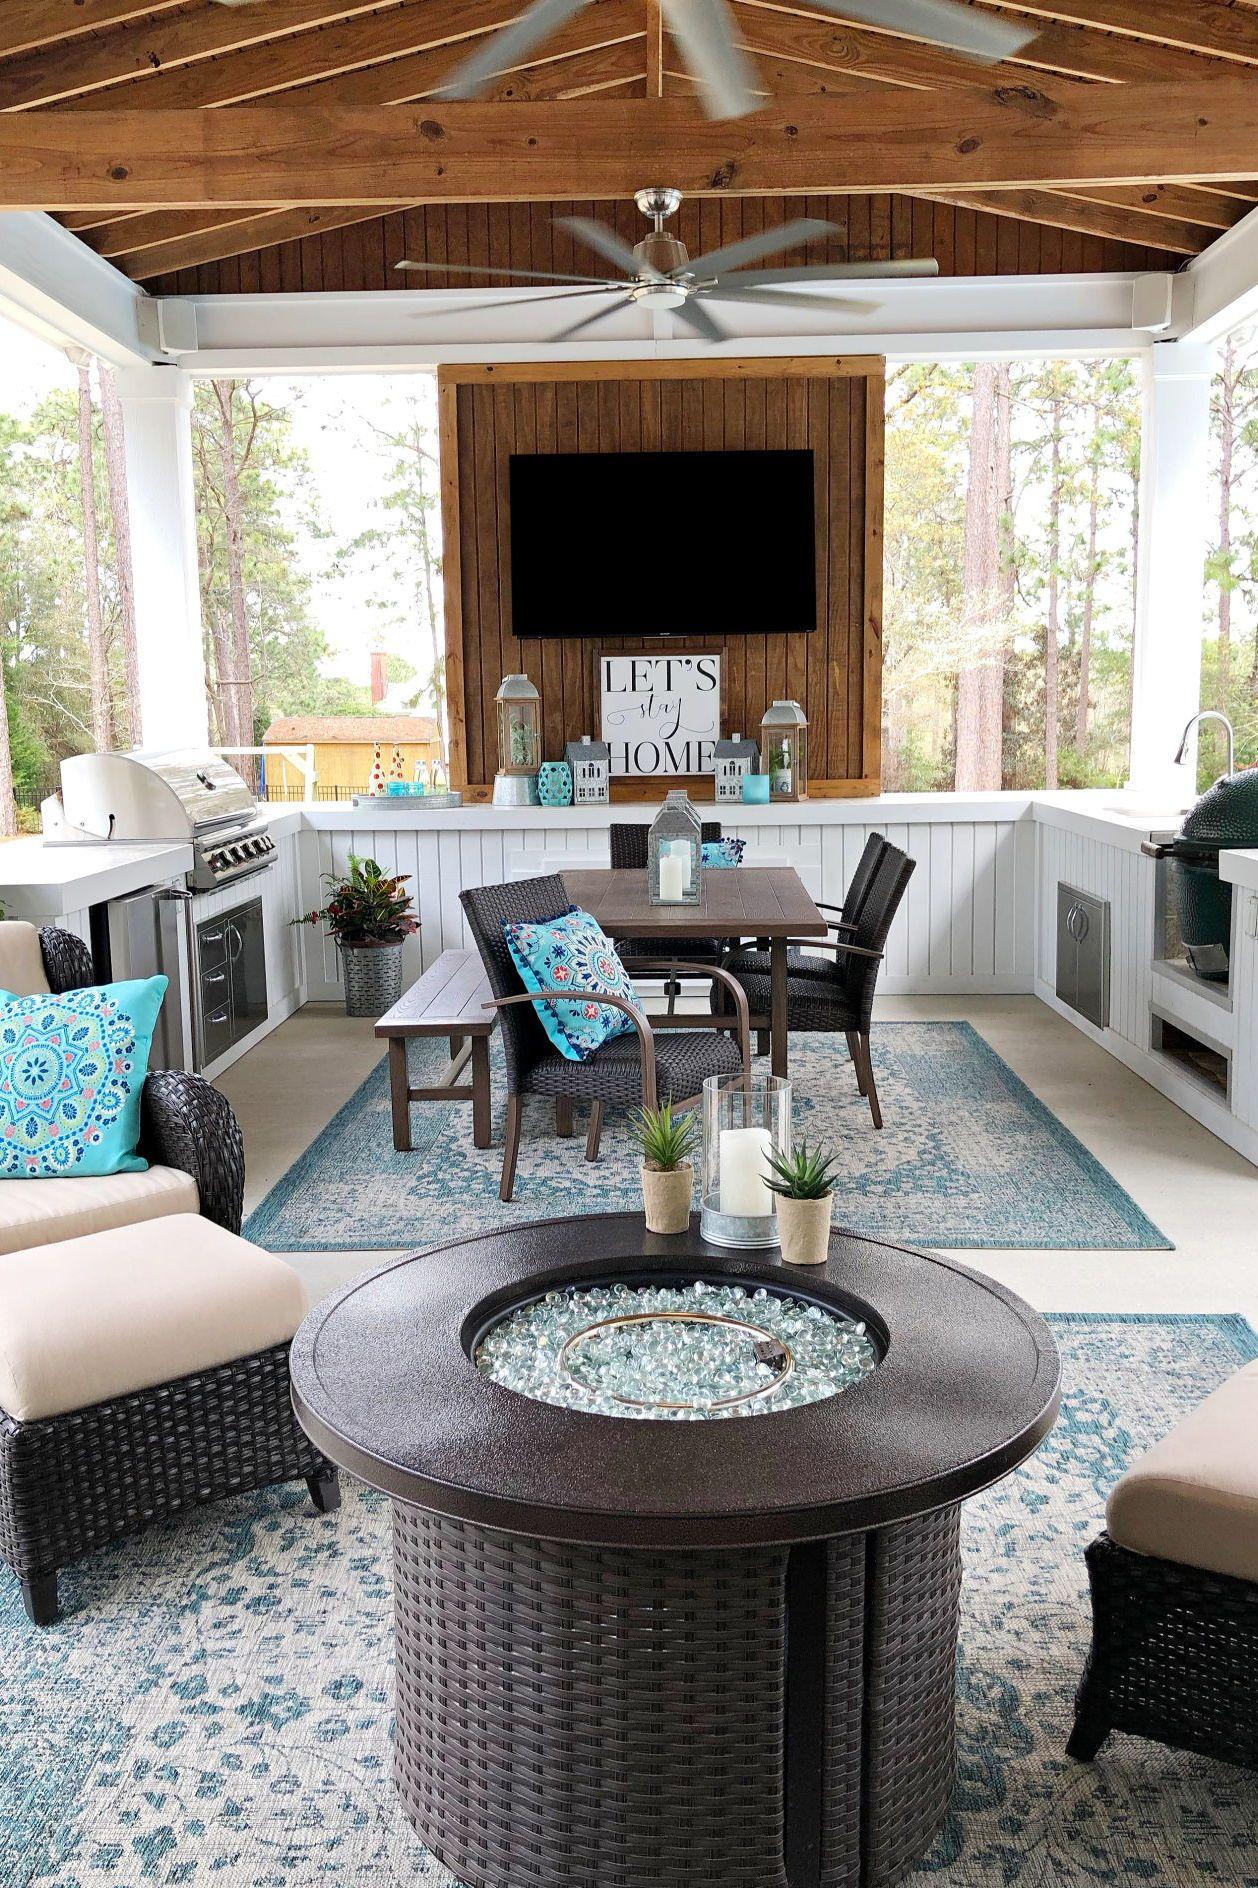 da73482282a14eea54131bccf3d3bb08 - Better Homes And Gardens Fire Pit Ideas